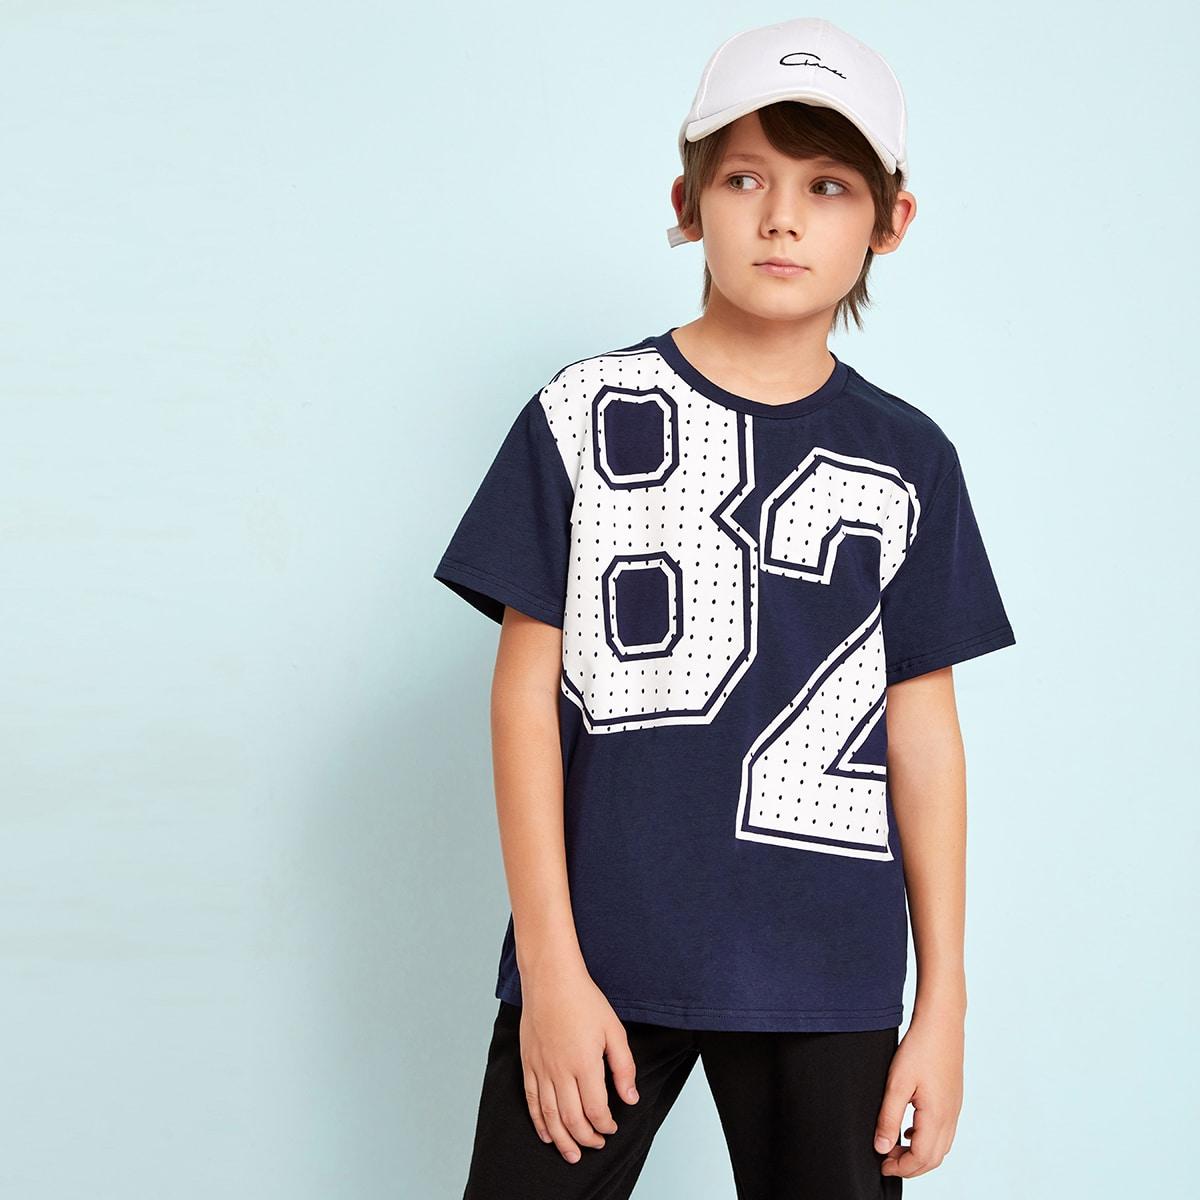 SHEIN / Jungen T-Shirt mit Nummer Muster